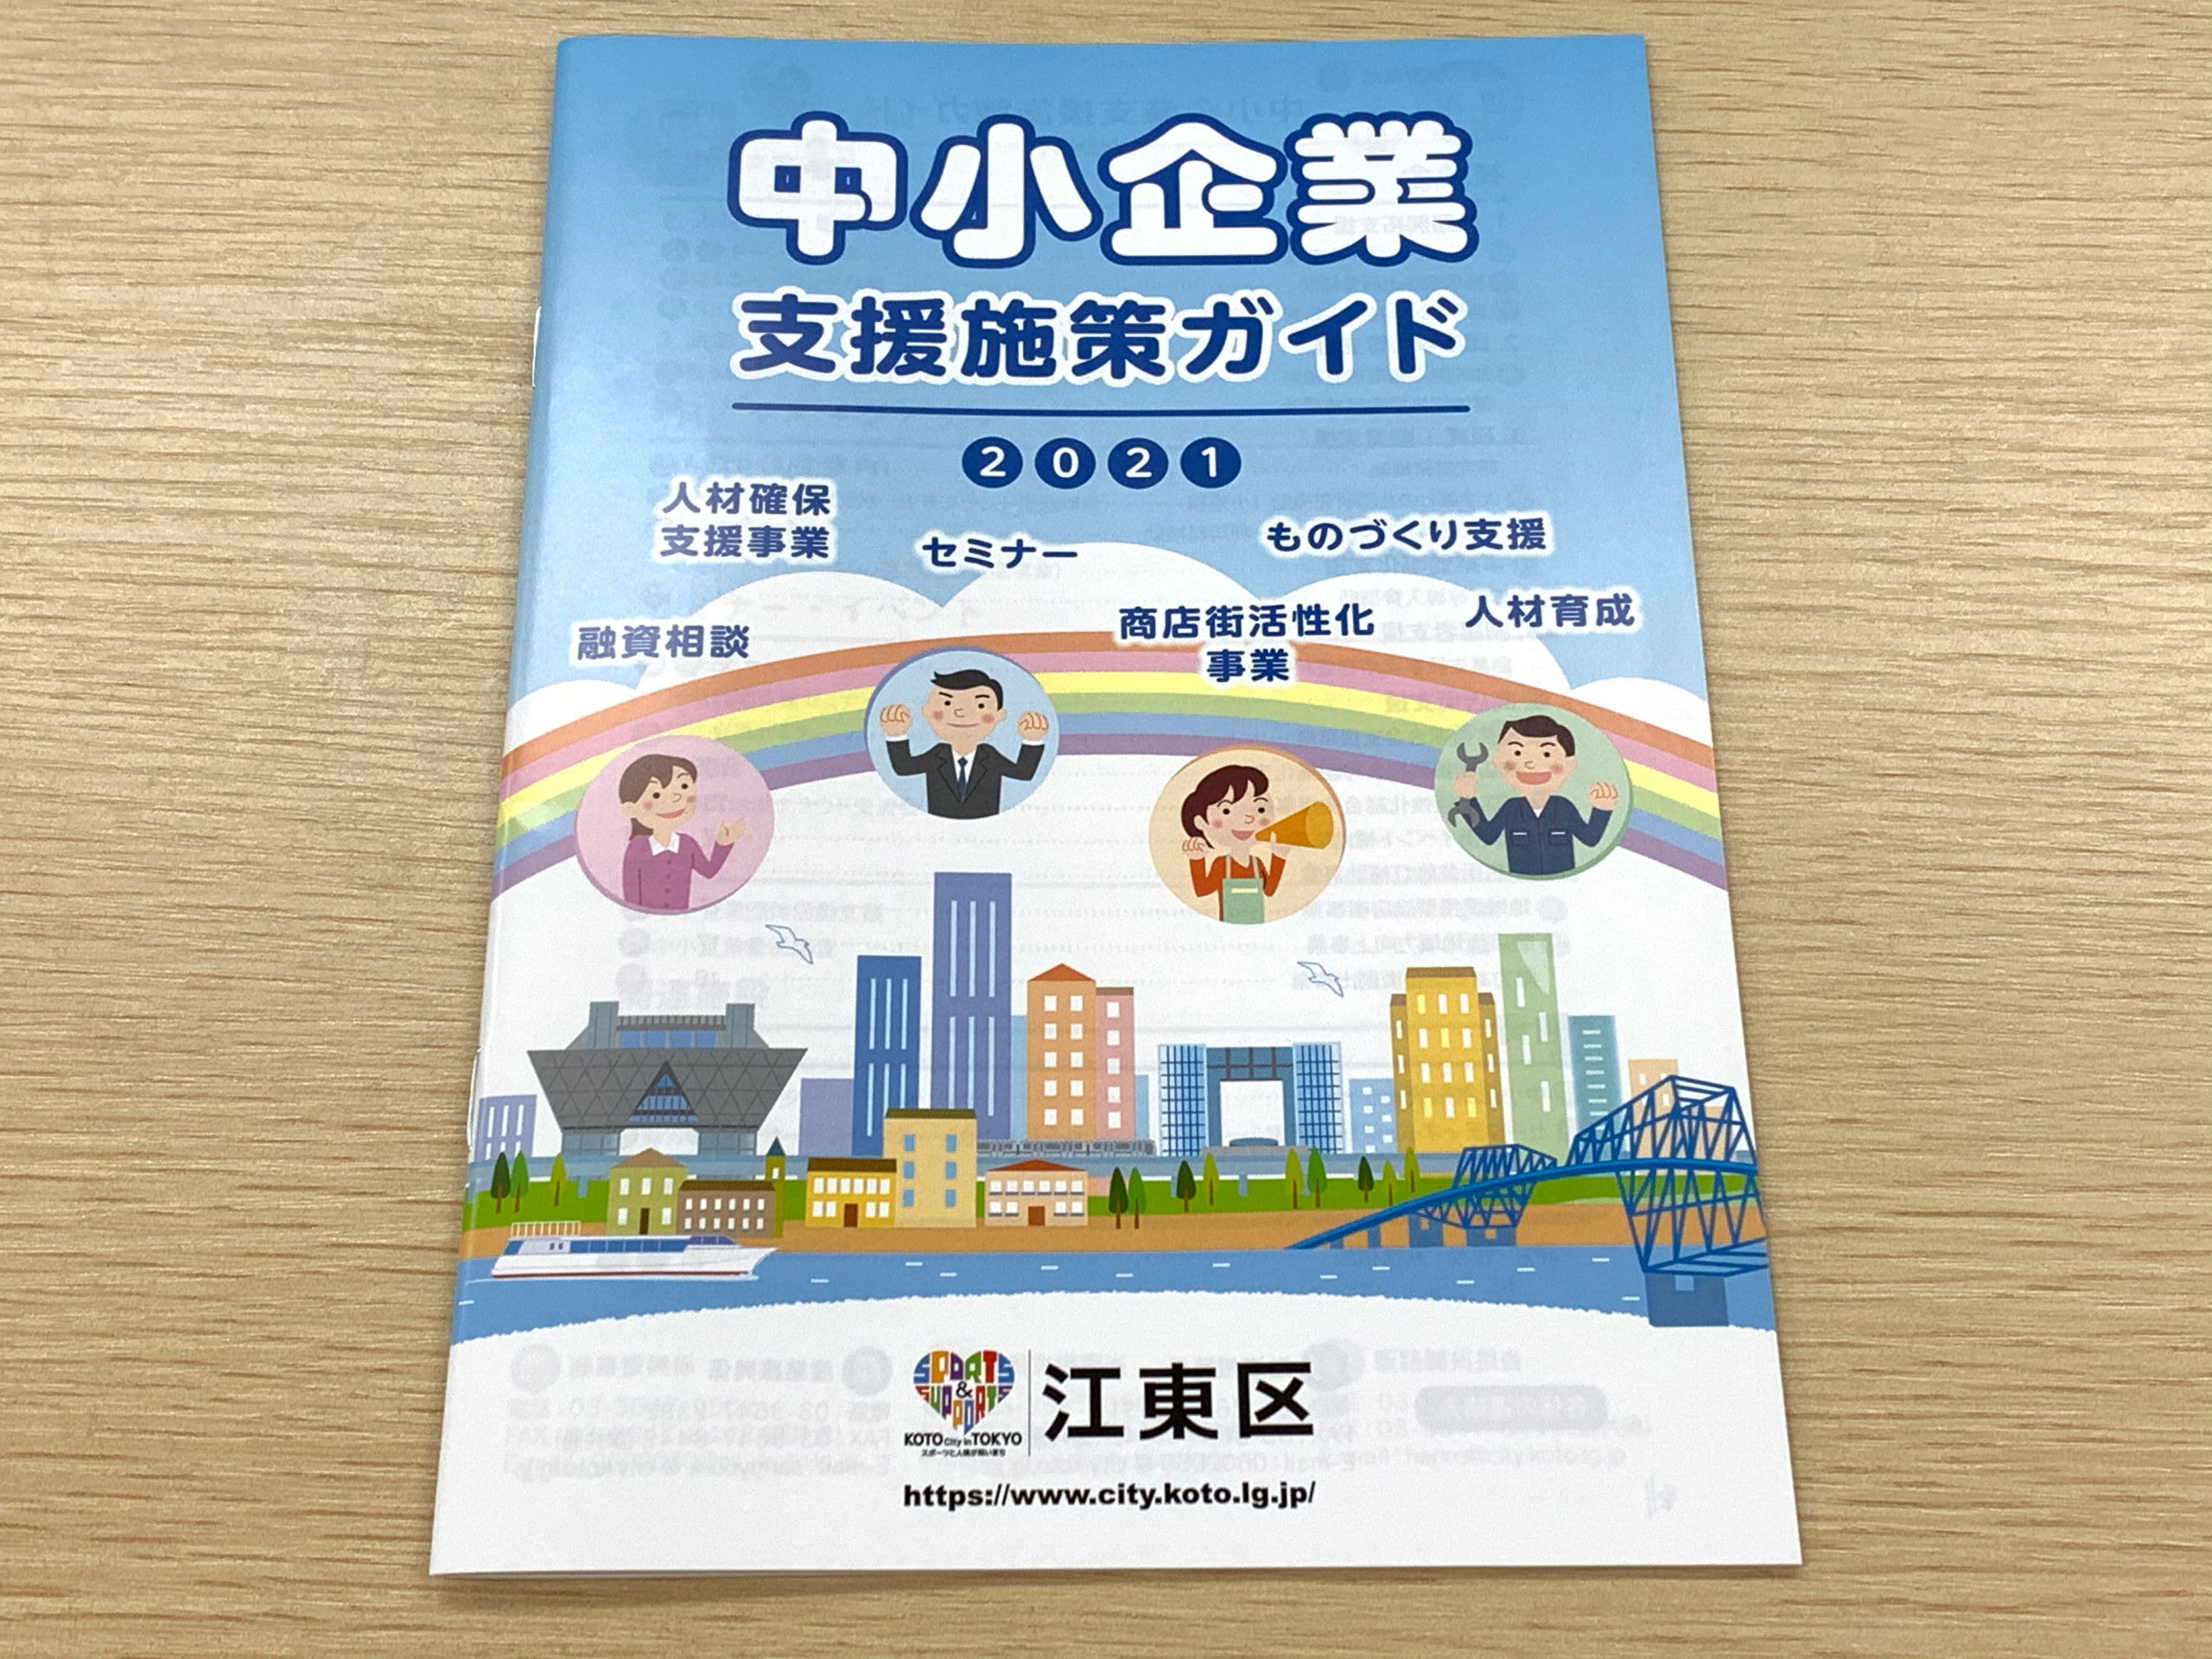 江東区の「中小企業支援施策ガイド2021」についてご案内します